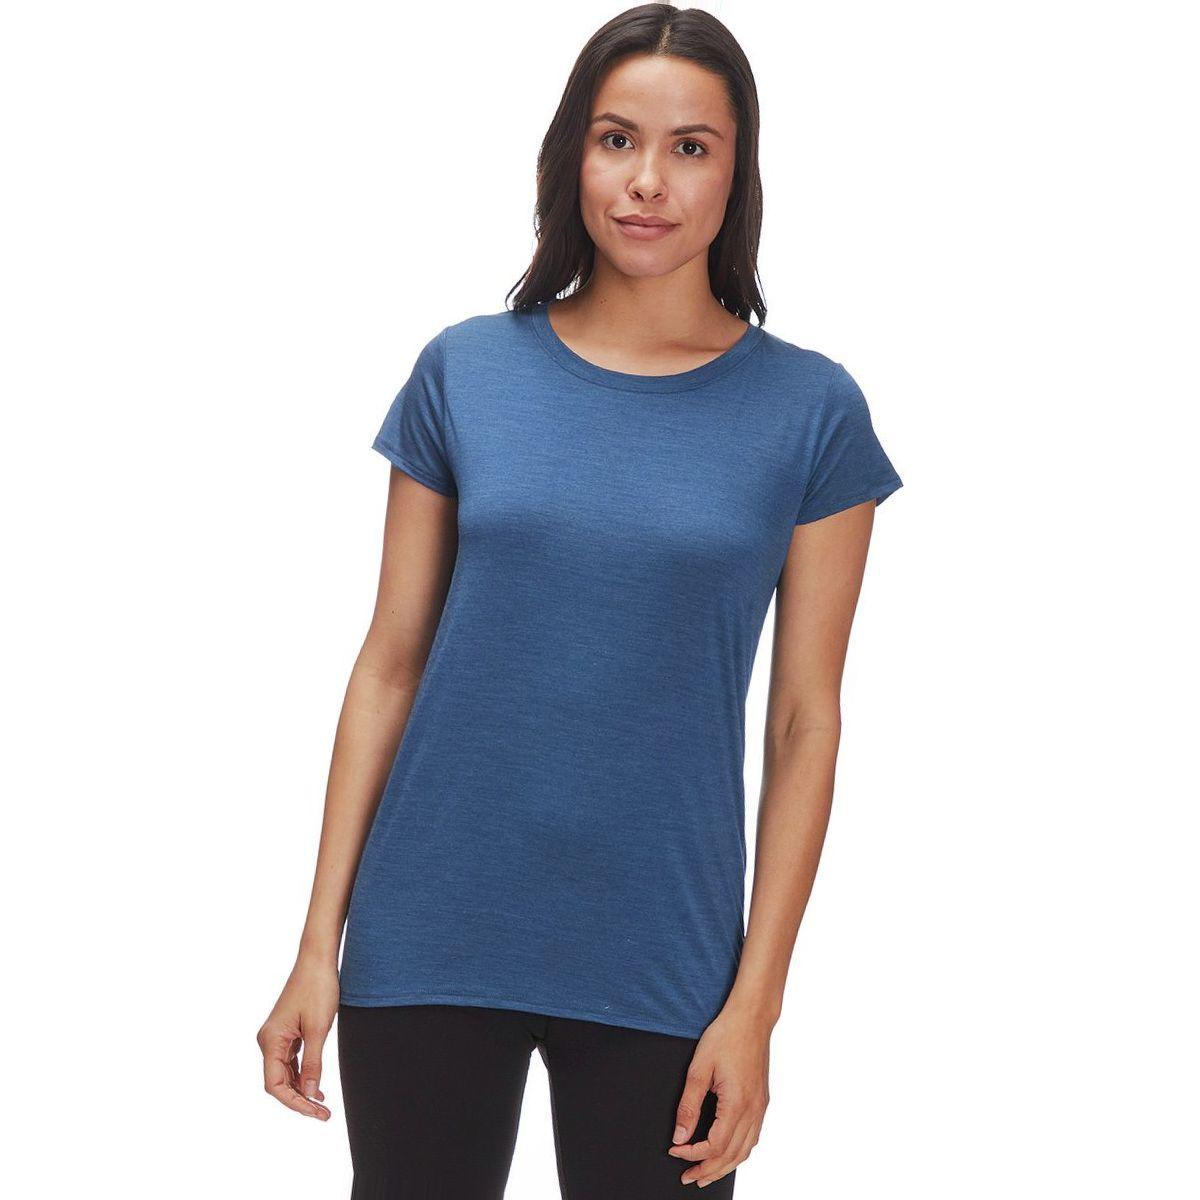 Northern Playground Short-Sleeve T-Shirt - Women's